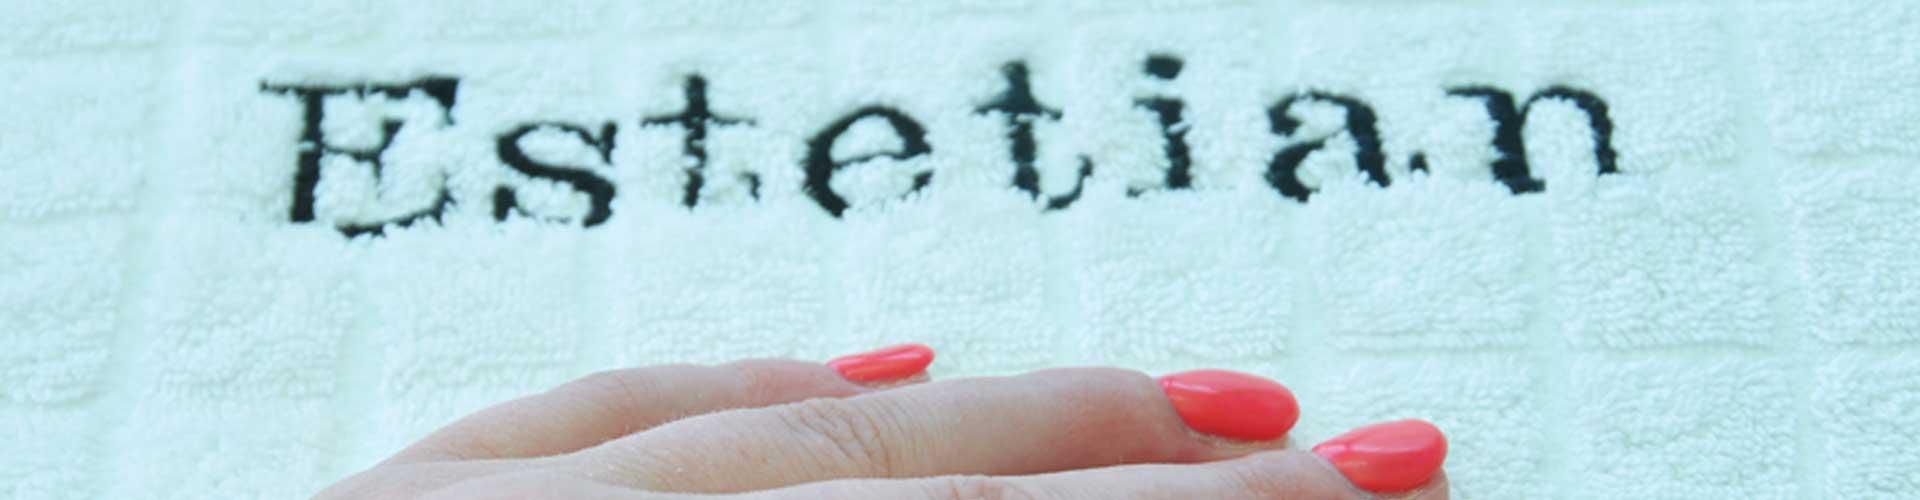 Estetian: Nail & Beauty studio. Nagels en persoonlijke verzorging